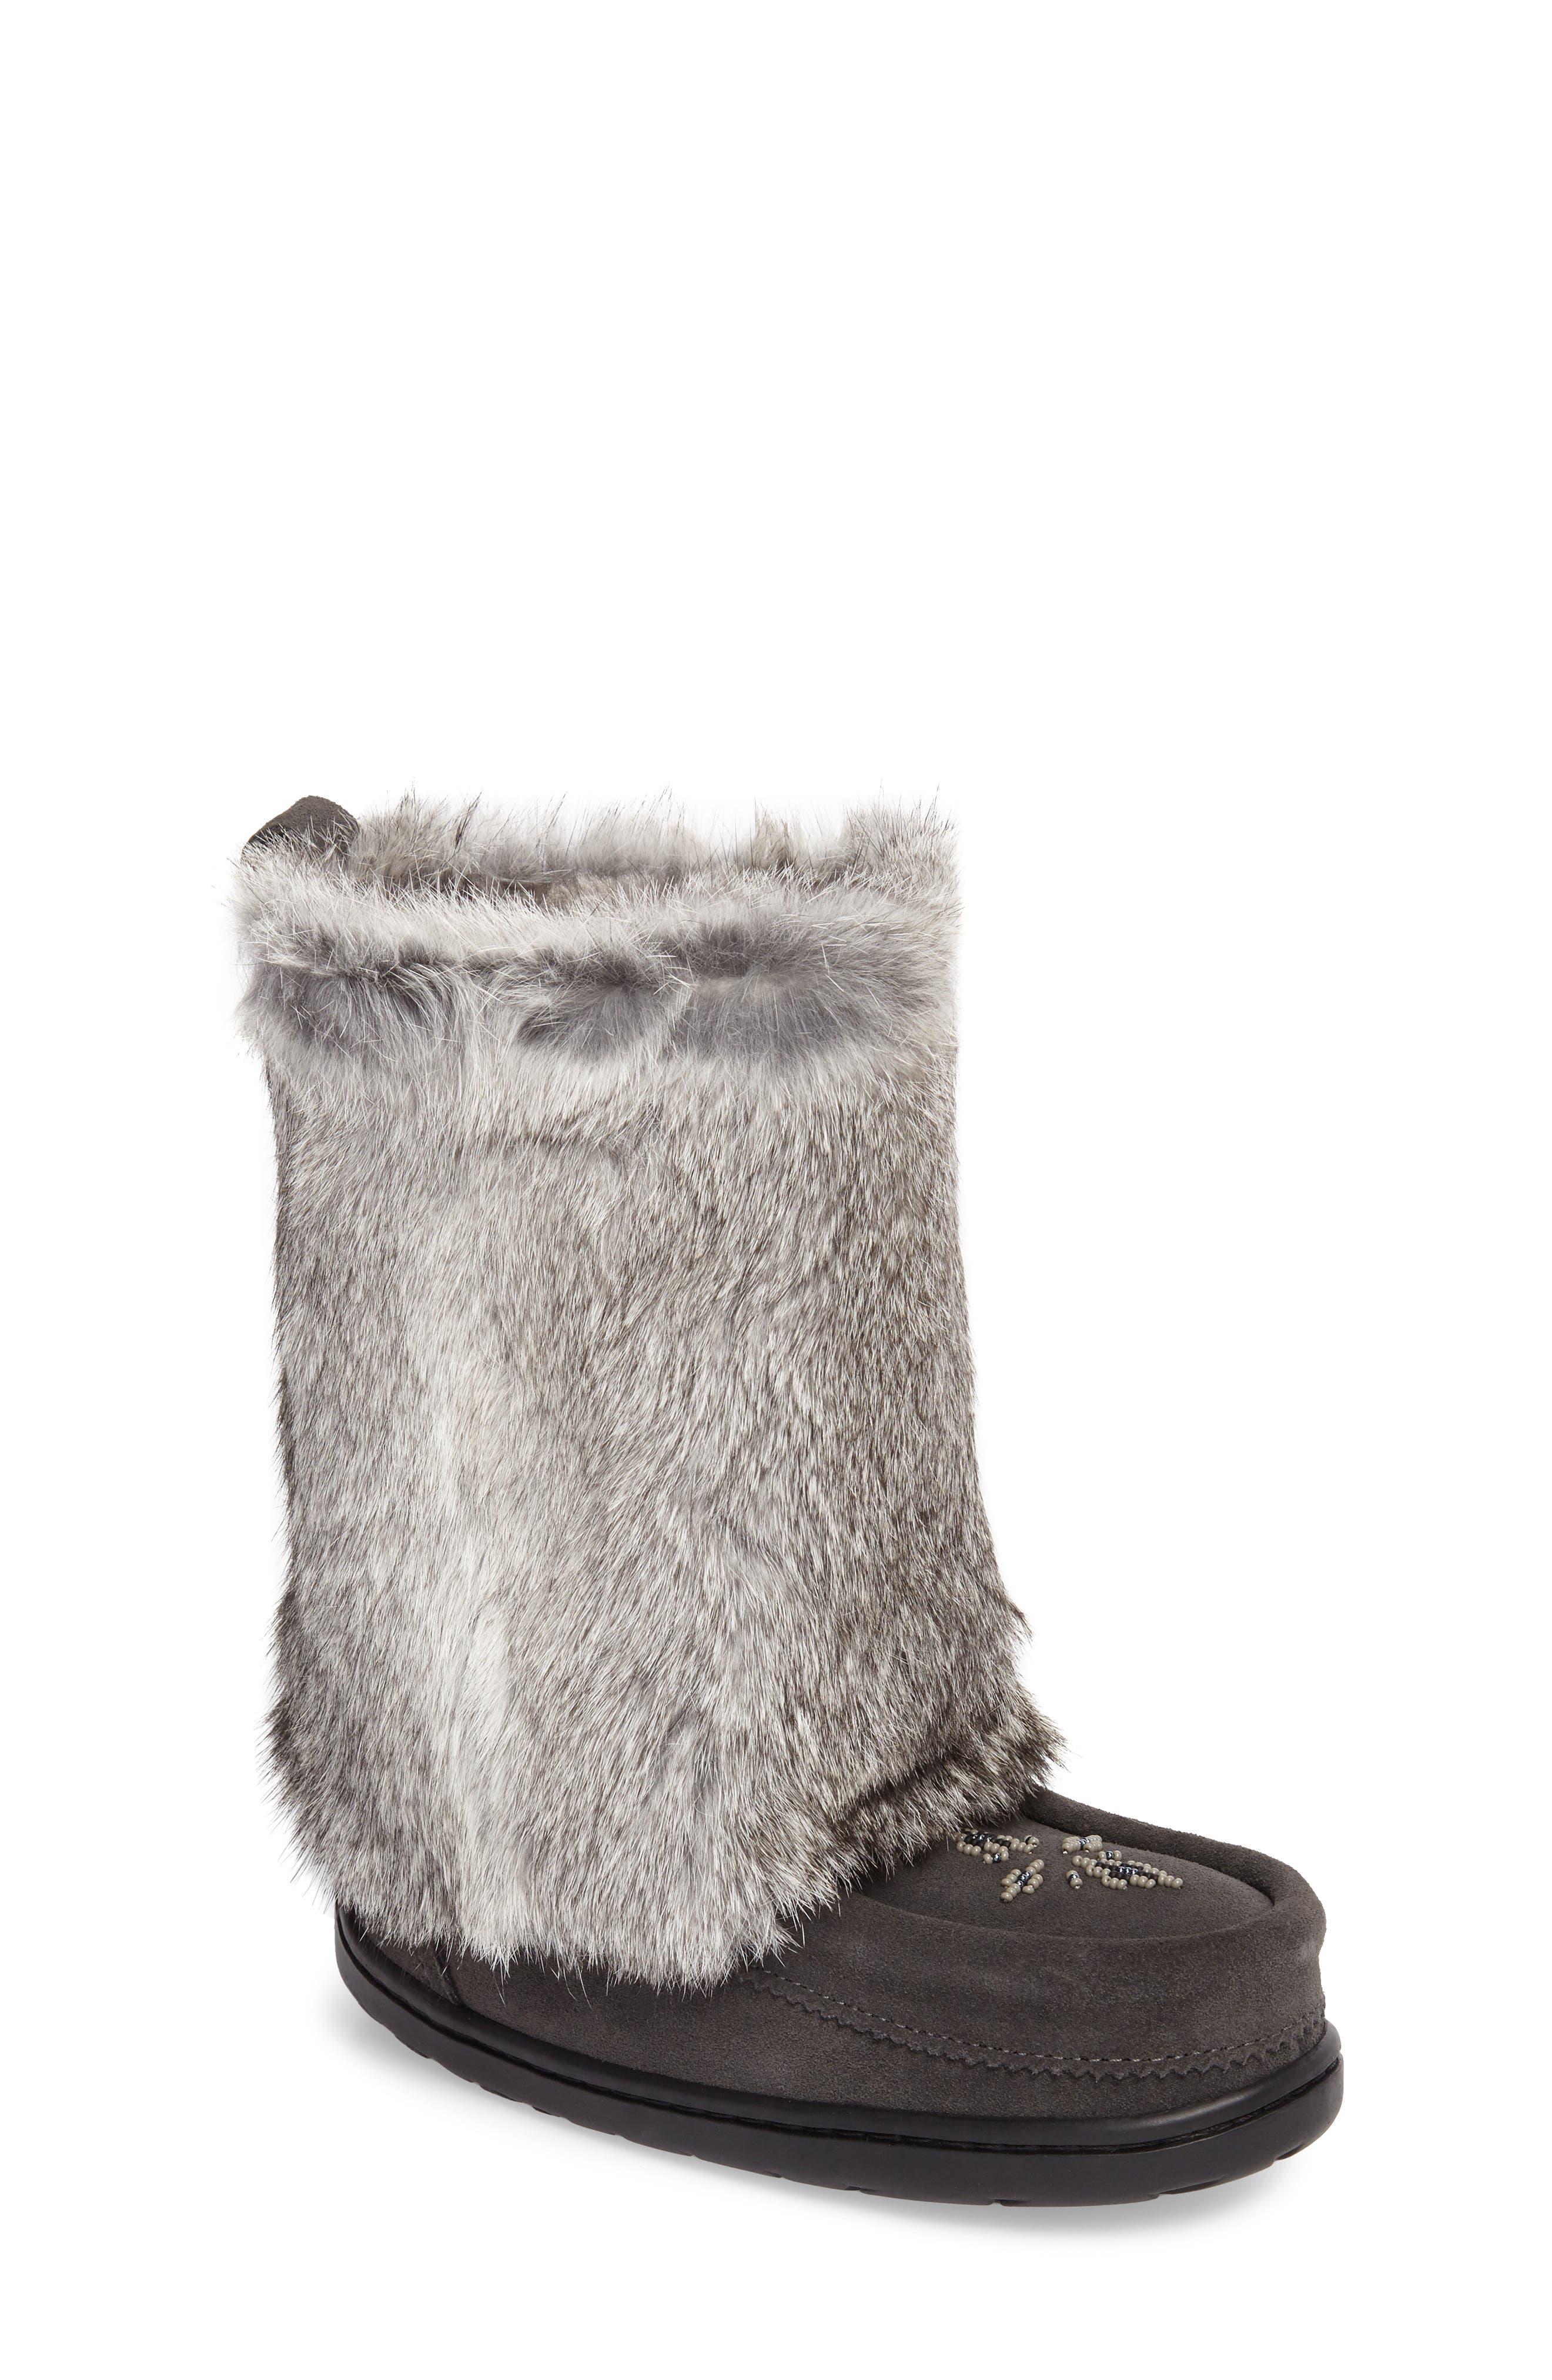 Nordic Genuine Rabbit Fur & Genuine Shearling Mukluk Boot,                             Main thumbnail 1, color,                             021